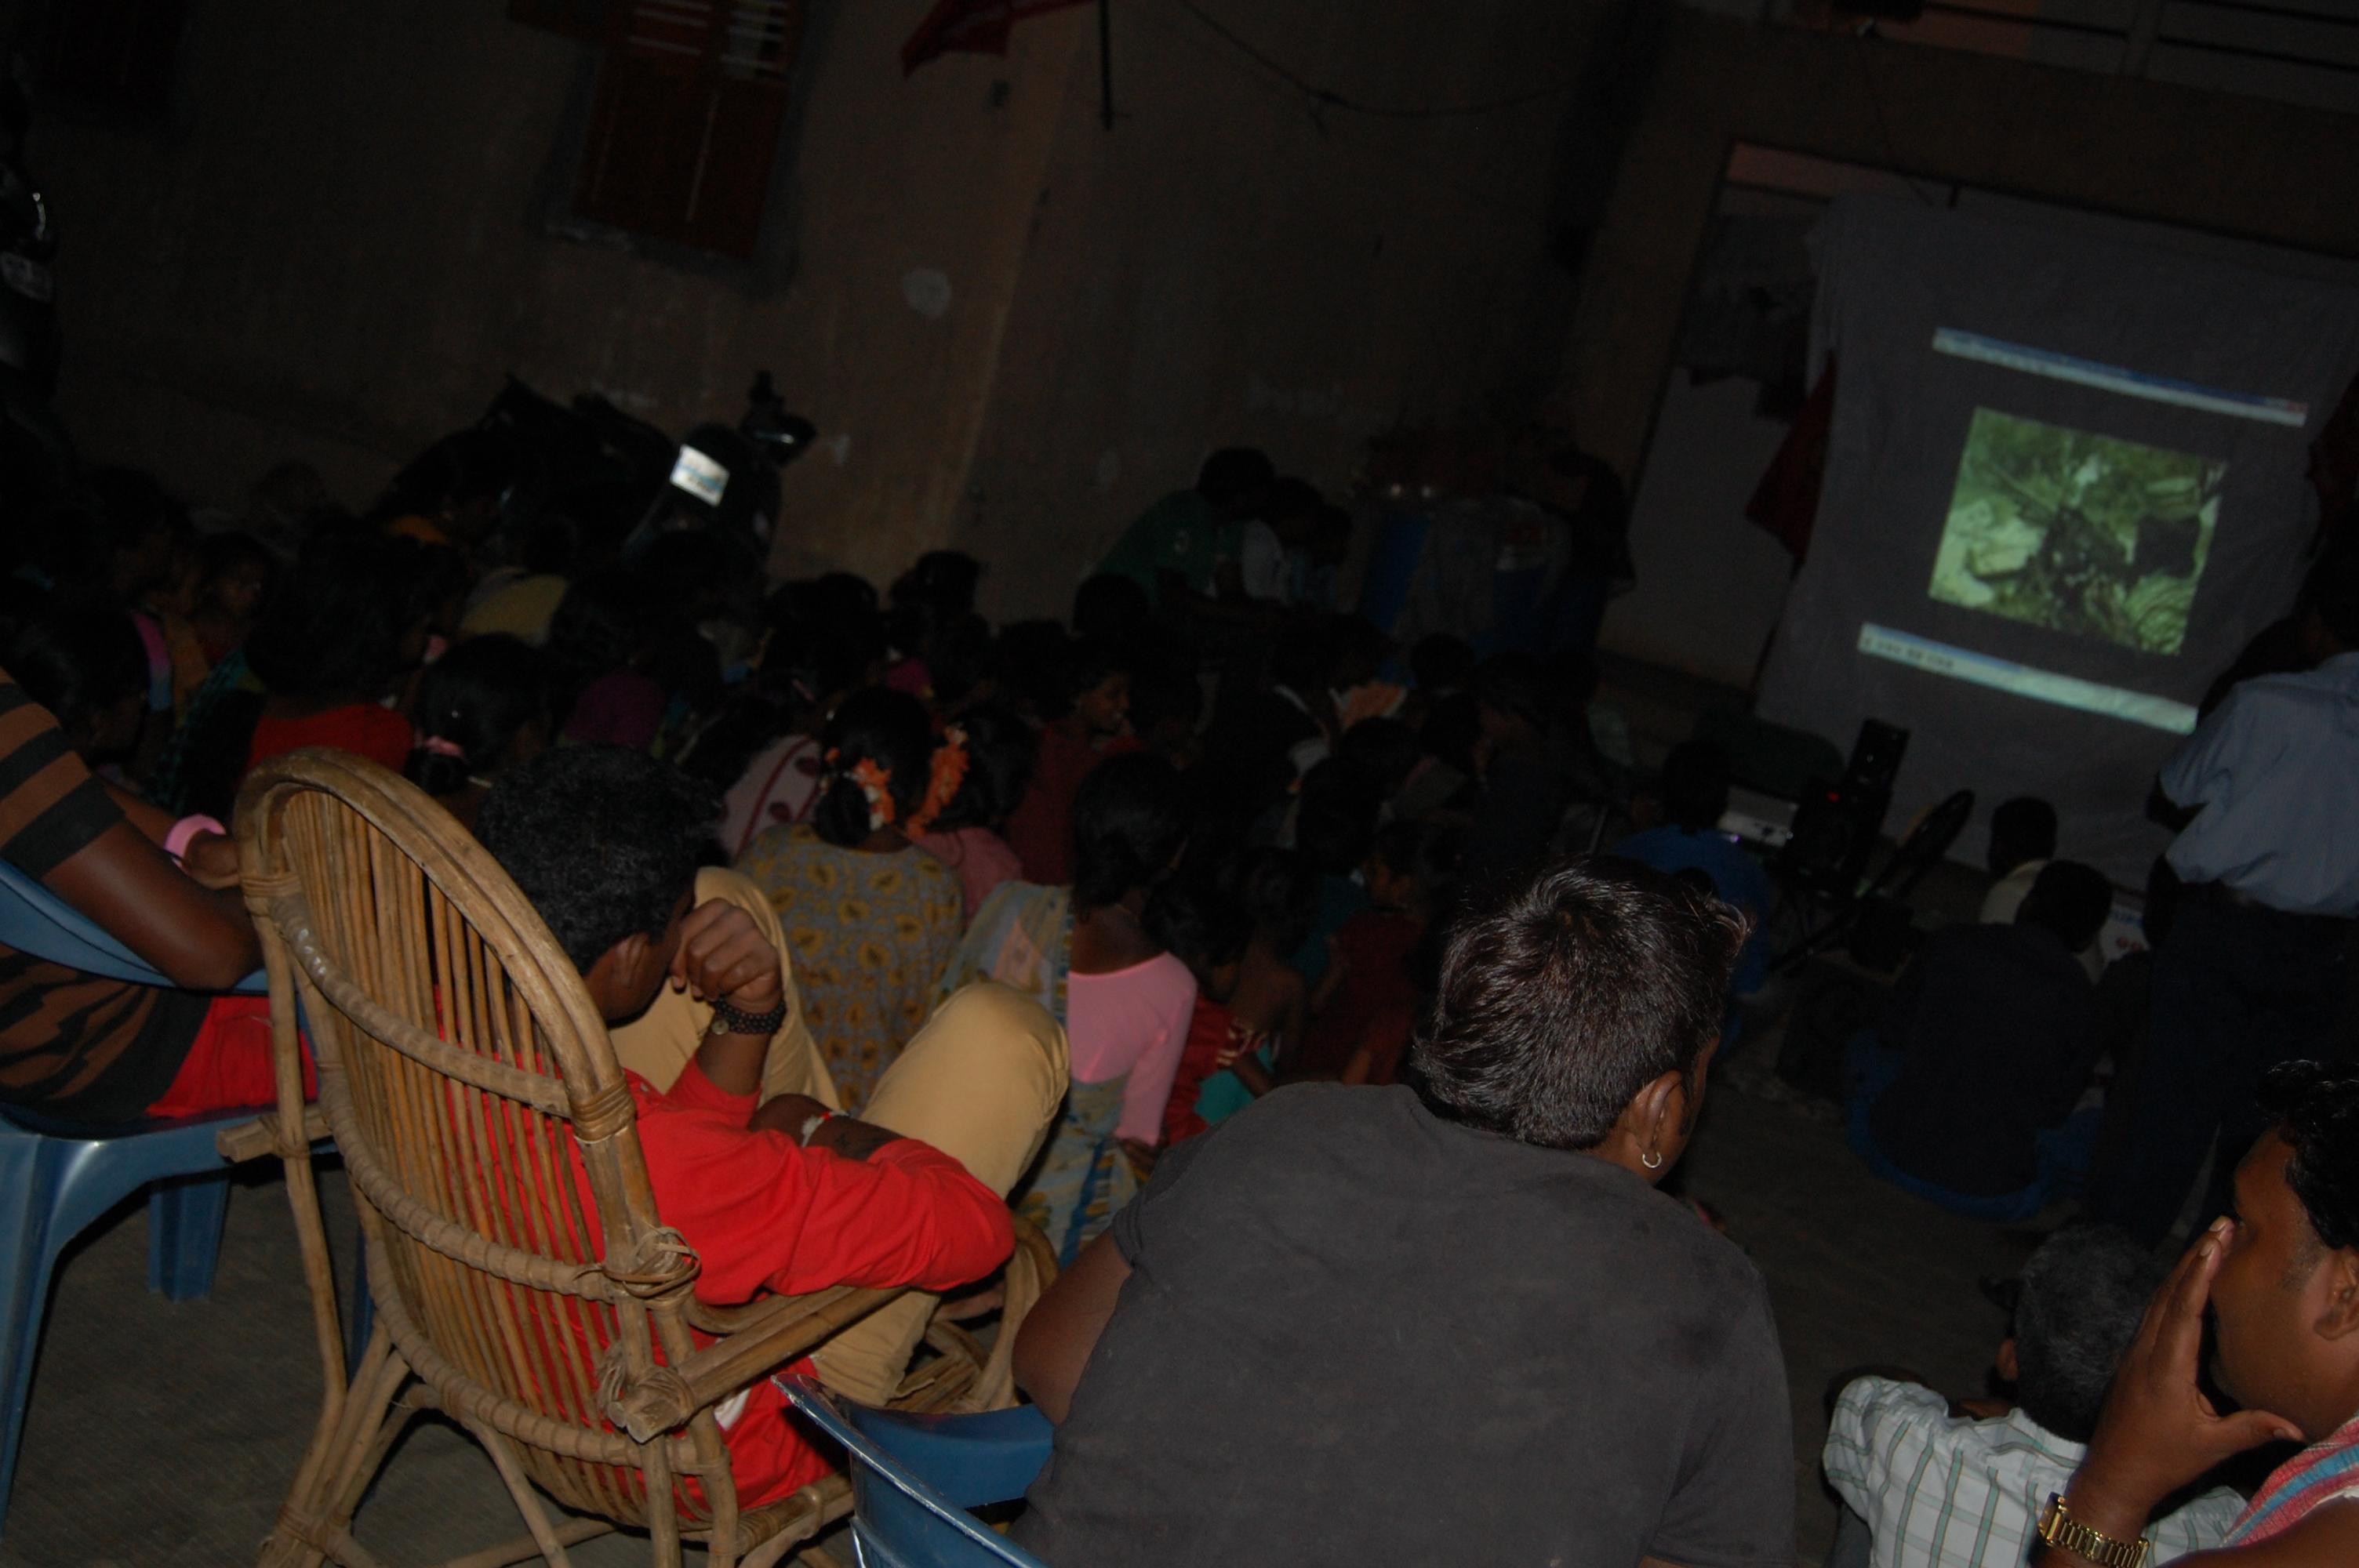 பெங்களூர் ராஜா ரதிச்வரி குப்பத்தில்  கொள்கை விளக்க பிரச்சாரம். DSC 5301